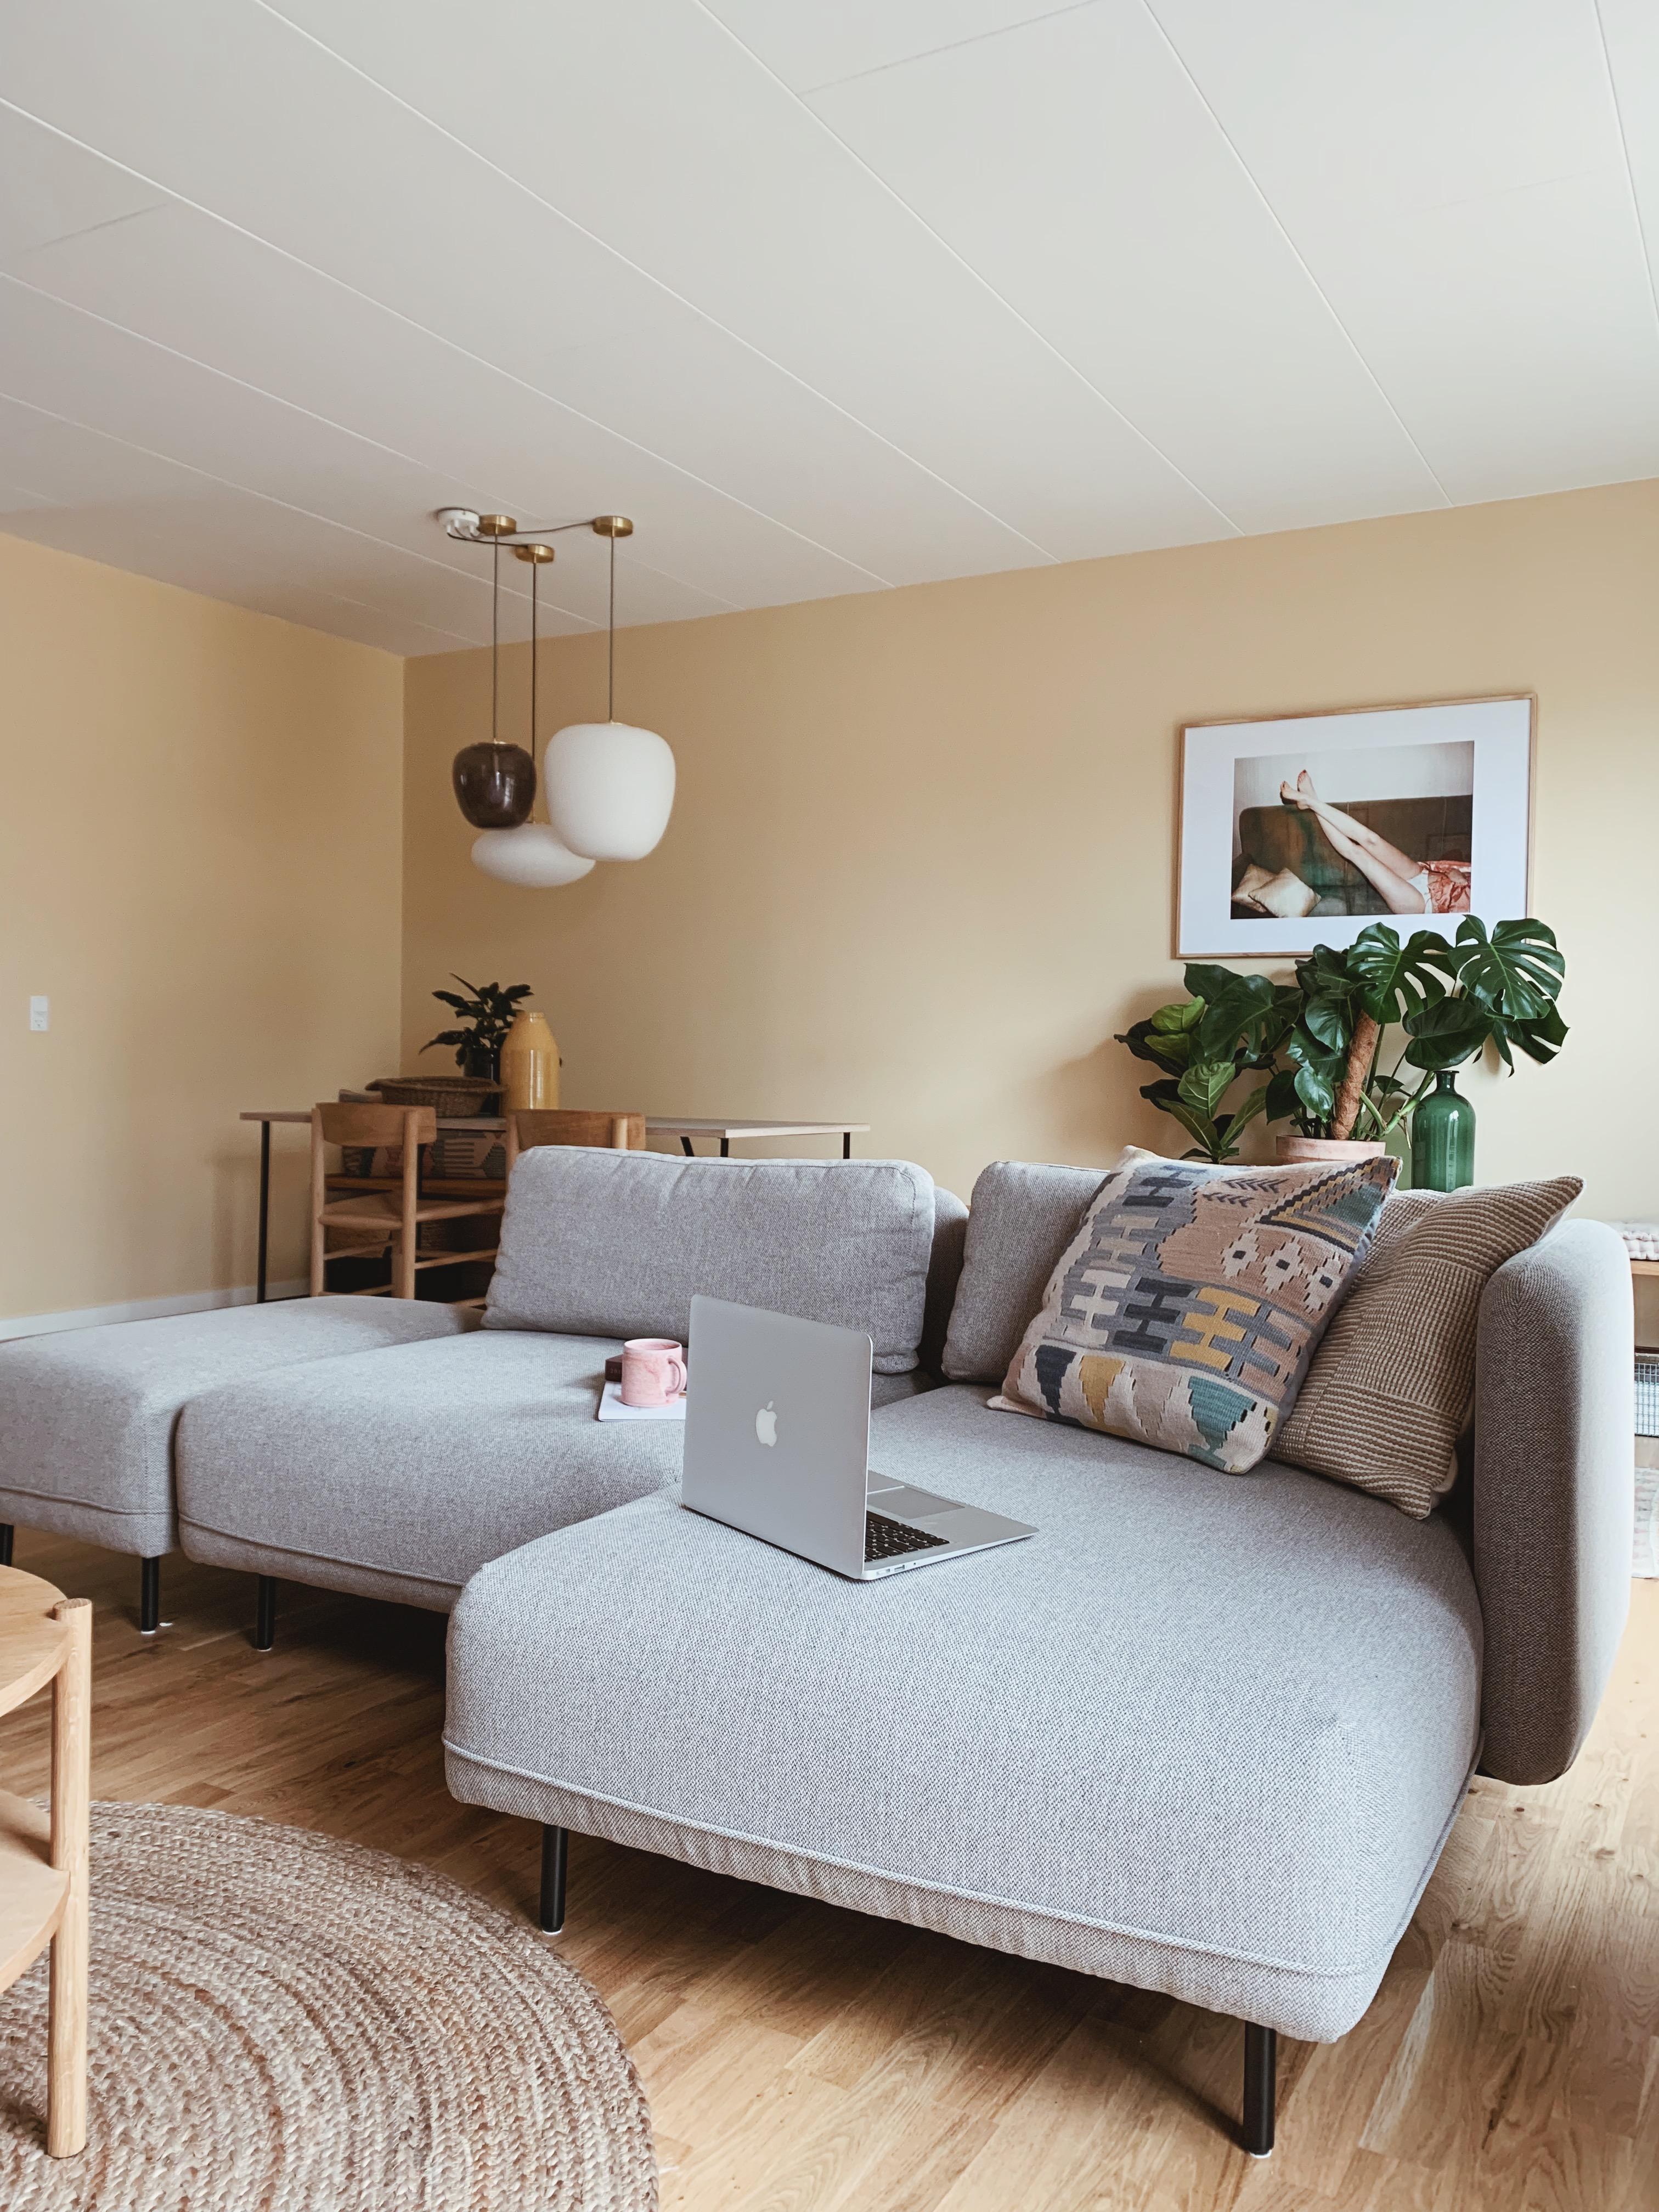 Ellis sofa